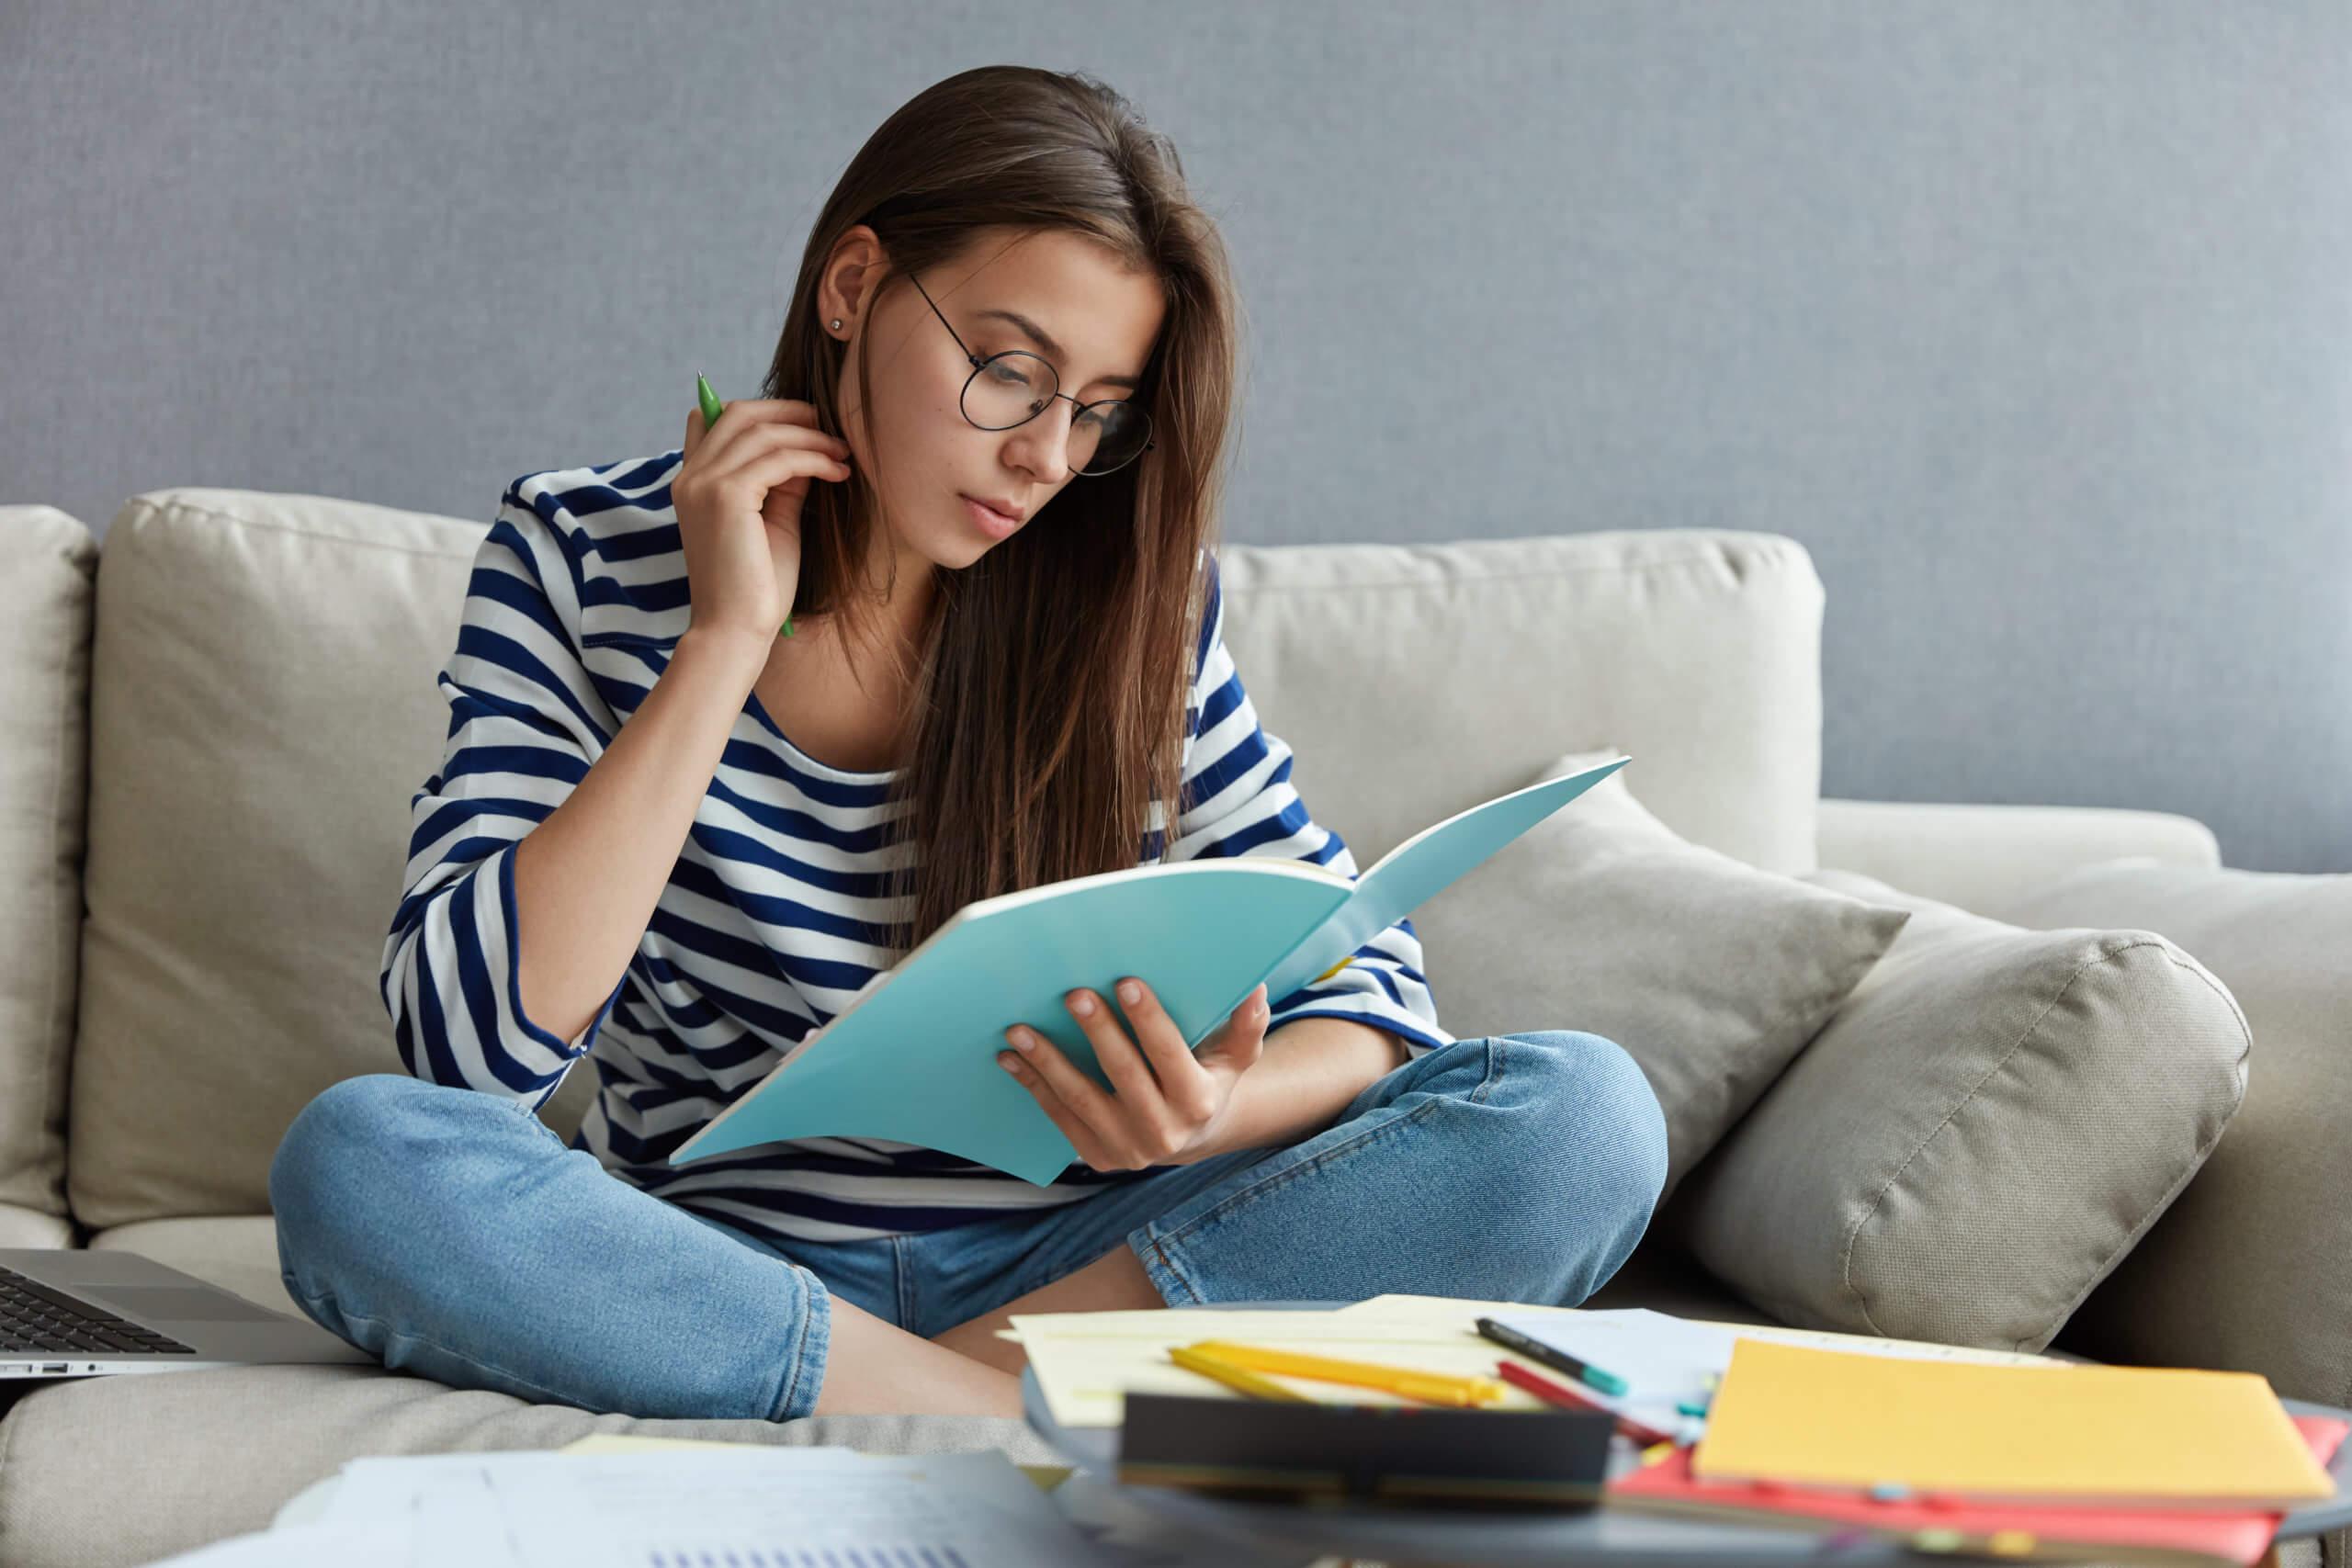 Imagem mostra uma mulher sentada olhando para seus documentos